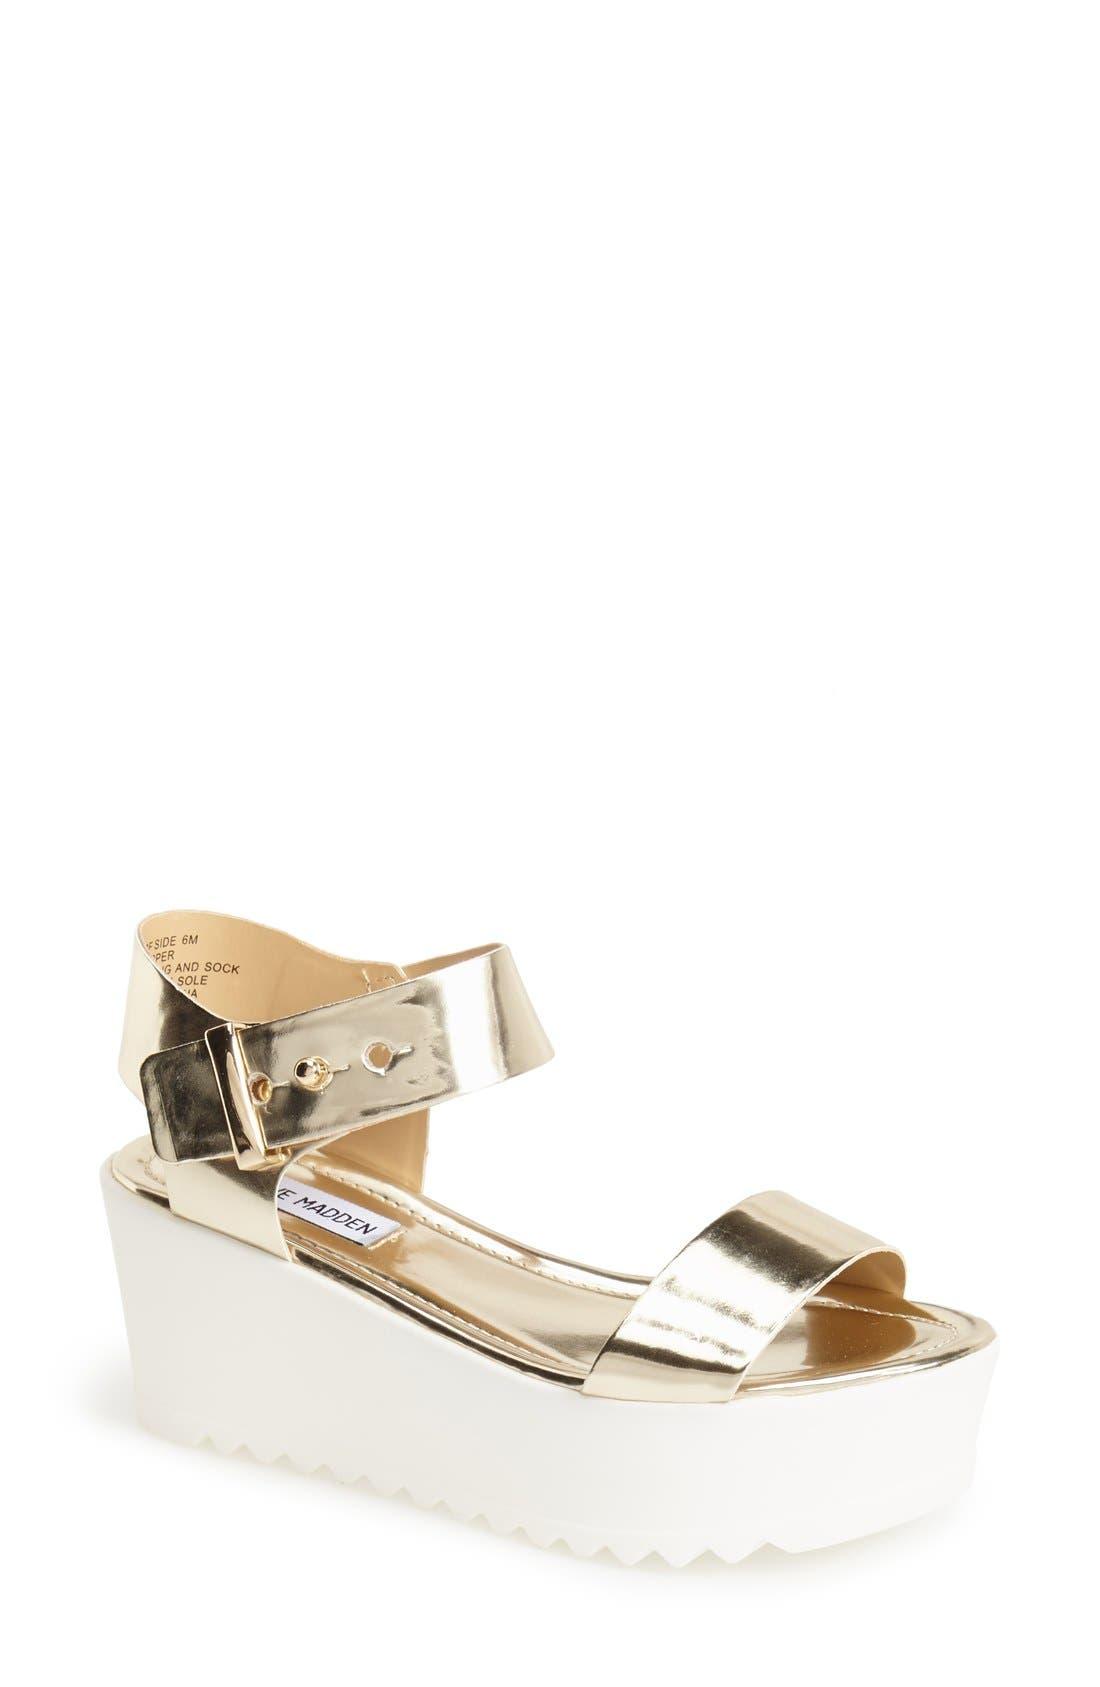 Main Image - Steve Madden 'Surfside' Platform Sandal (Women)